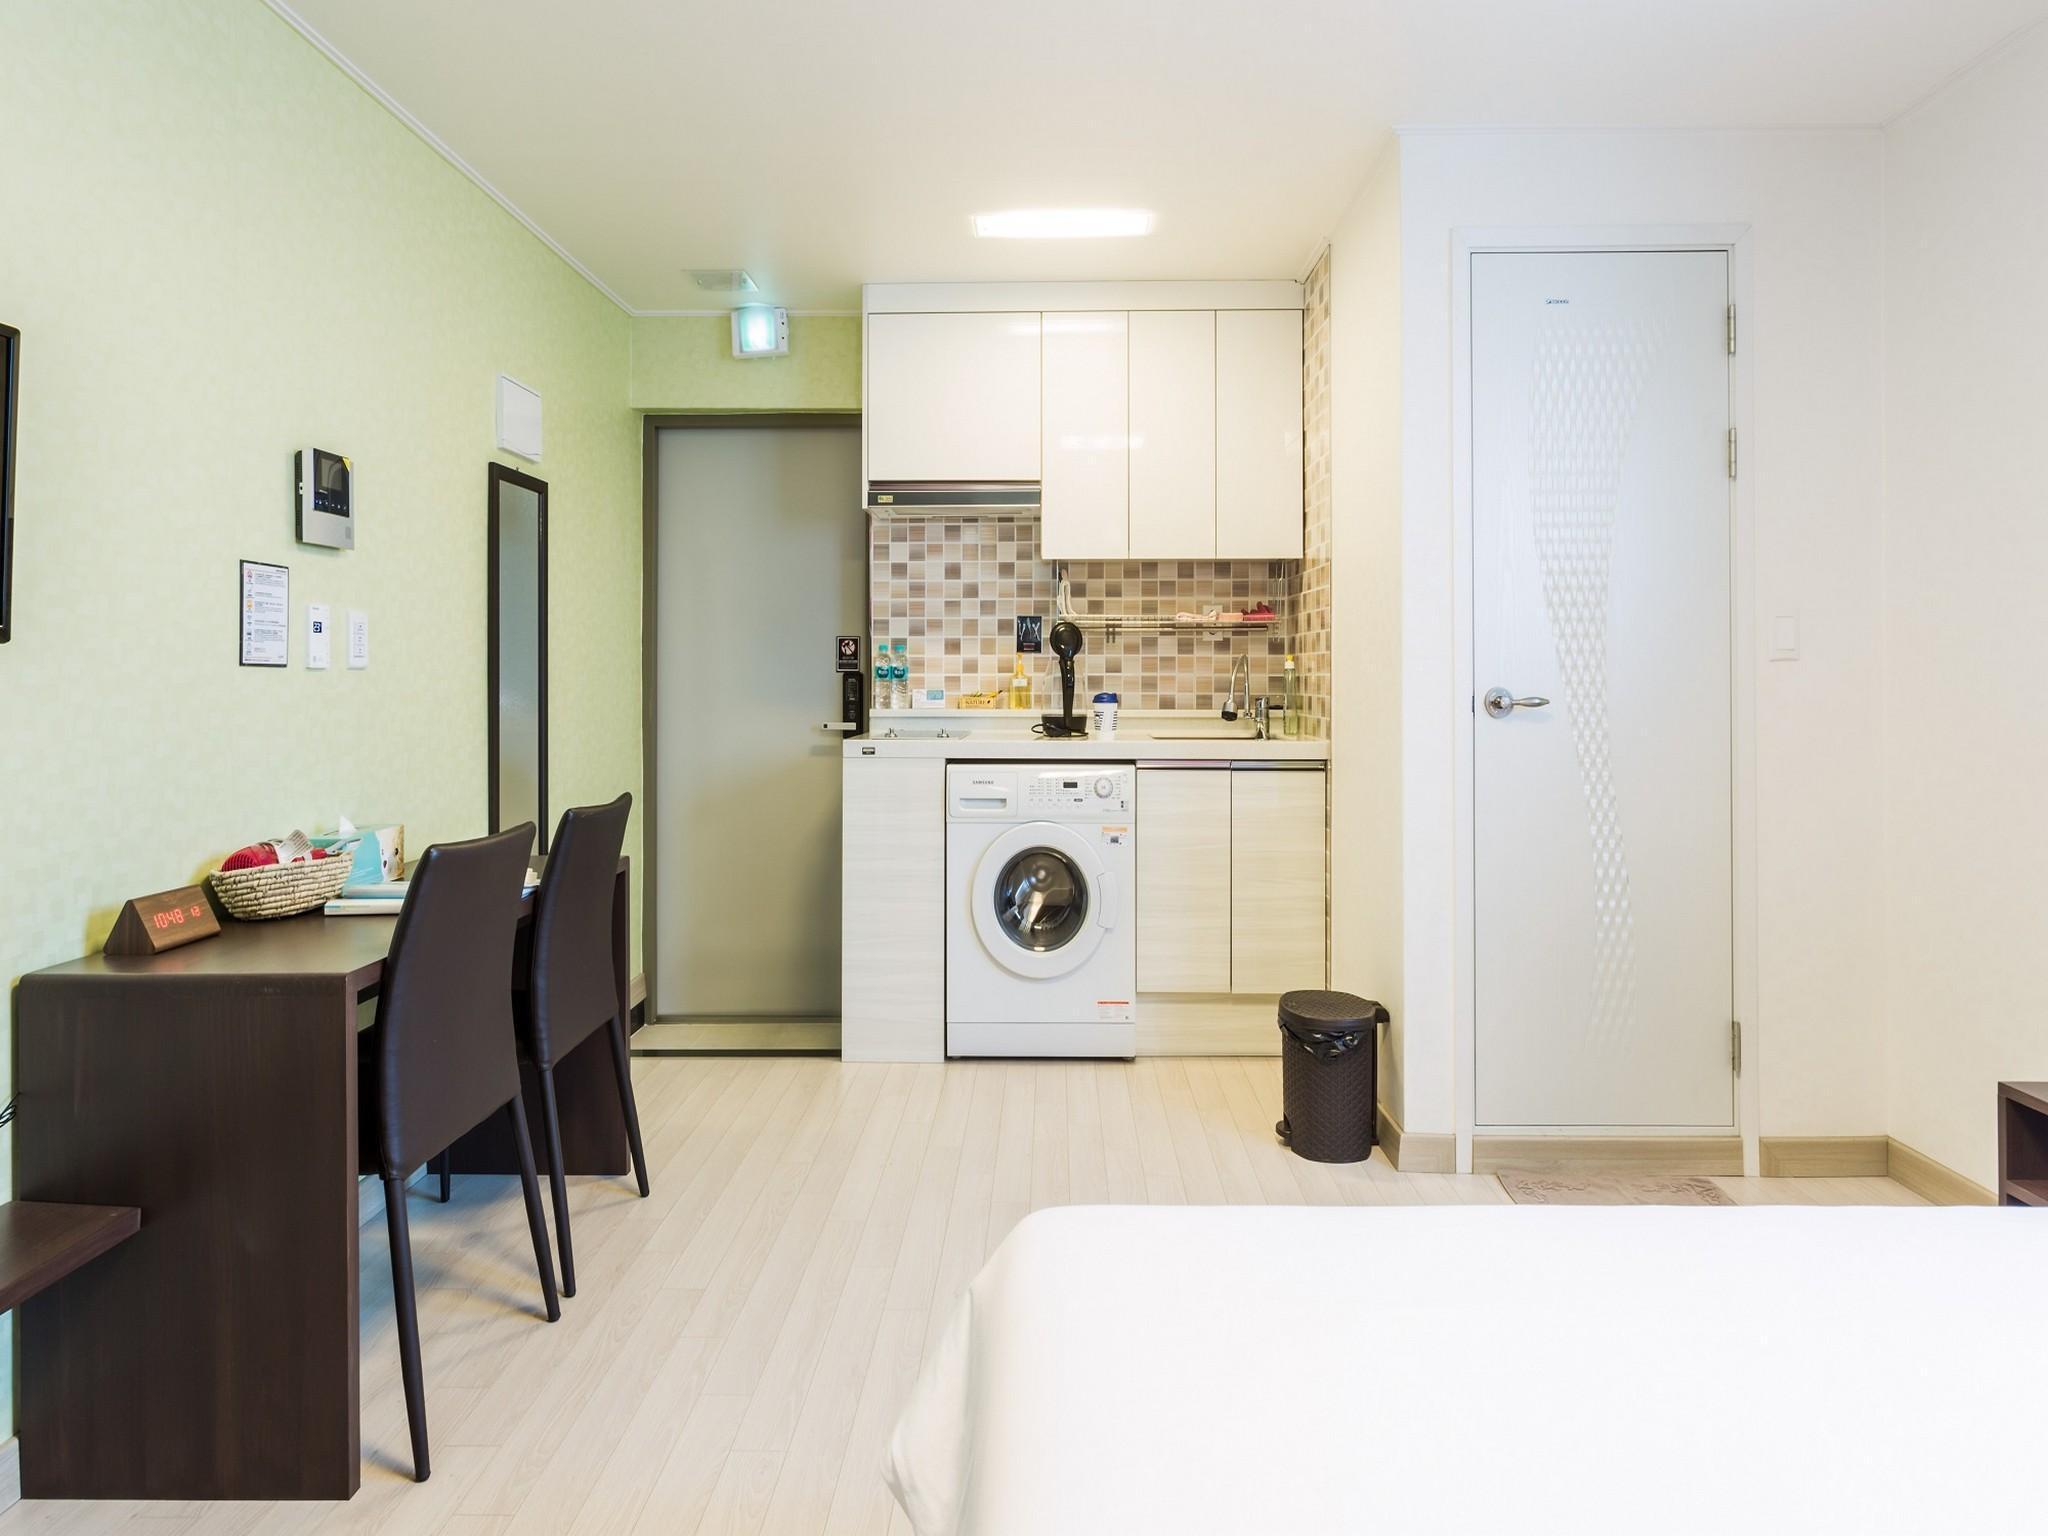 عروض 2020 محد ثة لـcolors Ewha Seoul Apartment في سيول بأسعار صور عالية الدقة وتعليقات حقيقية